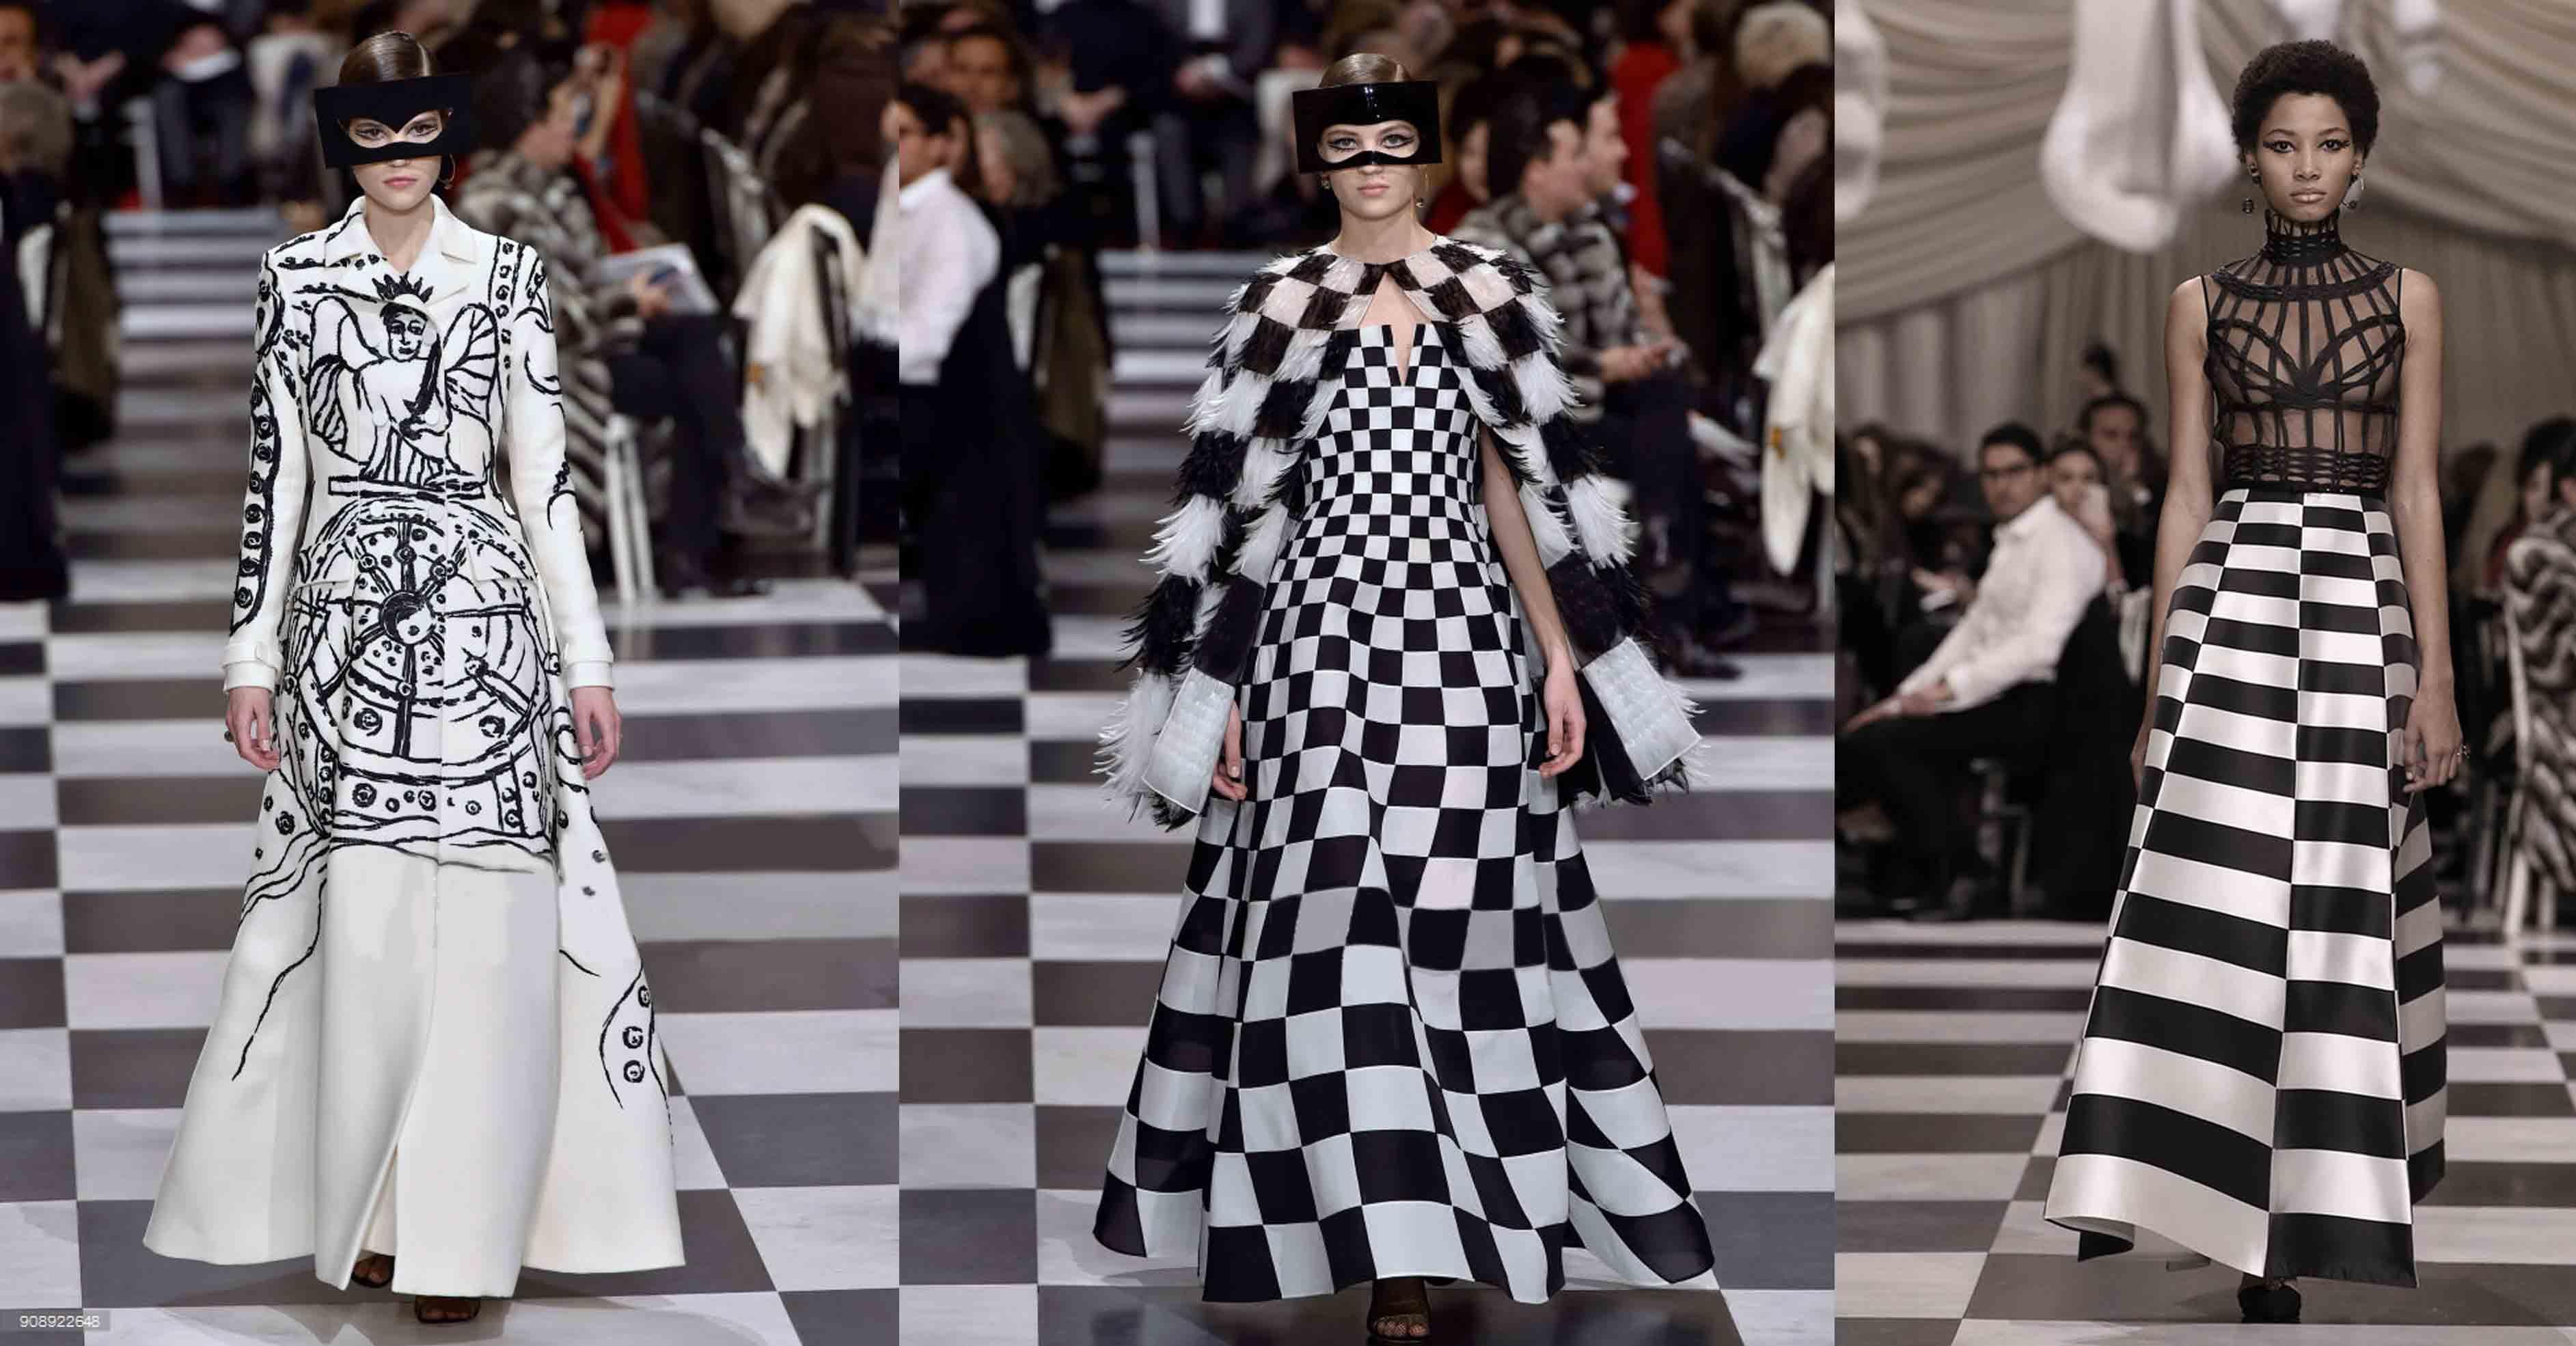 Dior sul pavimento a scacchi e la nuova moda del surrealismo mistico. 3662fa382d97